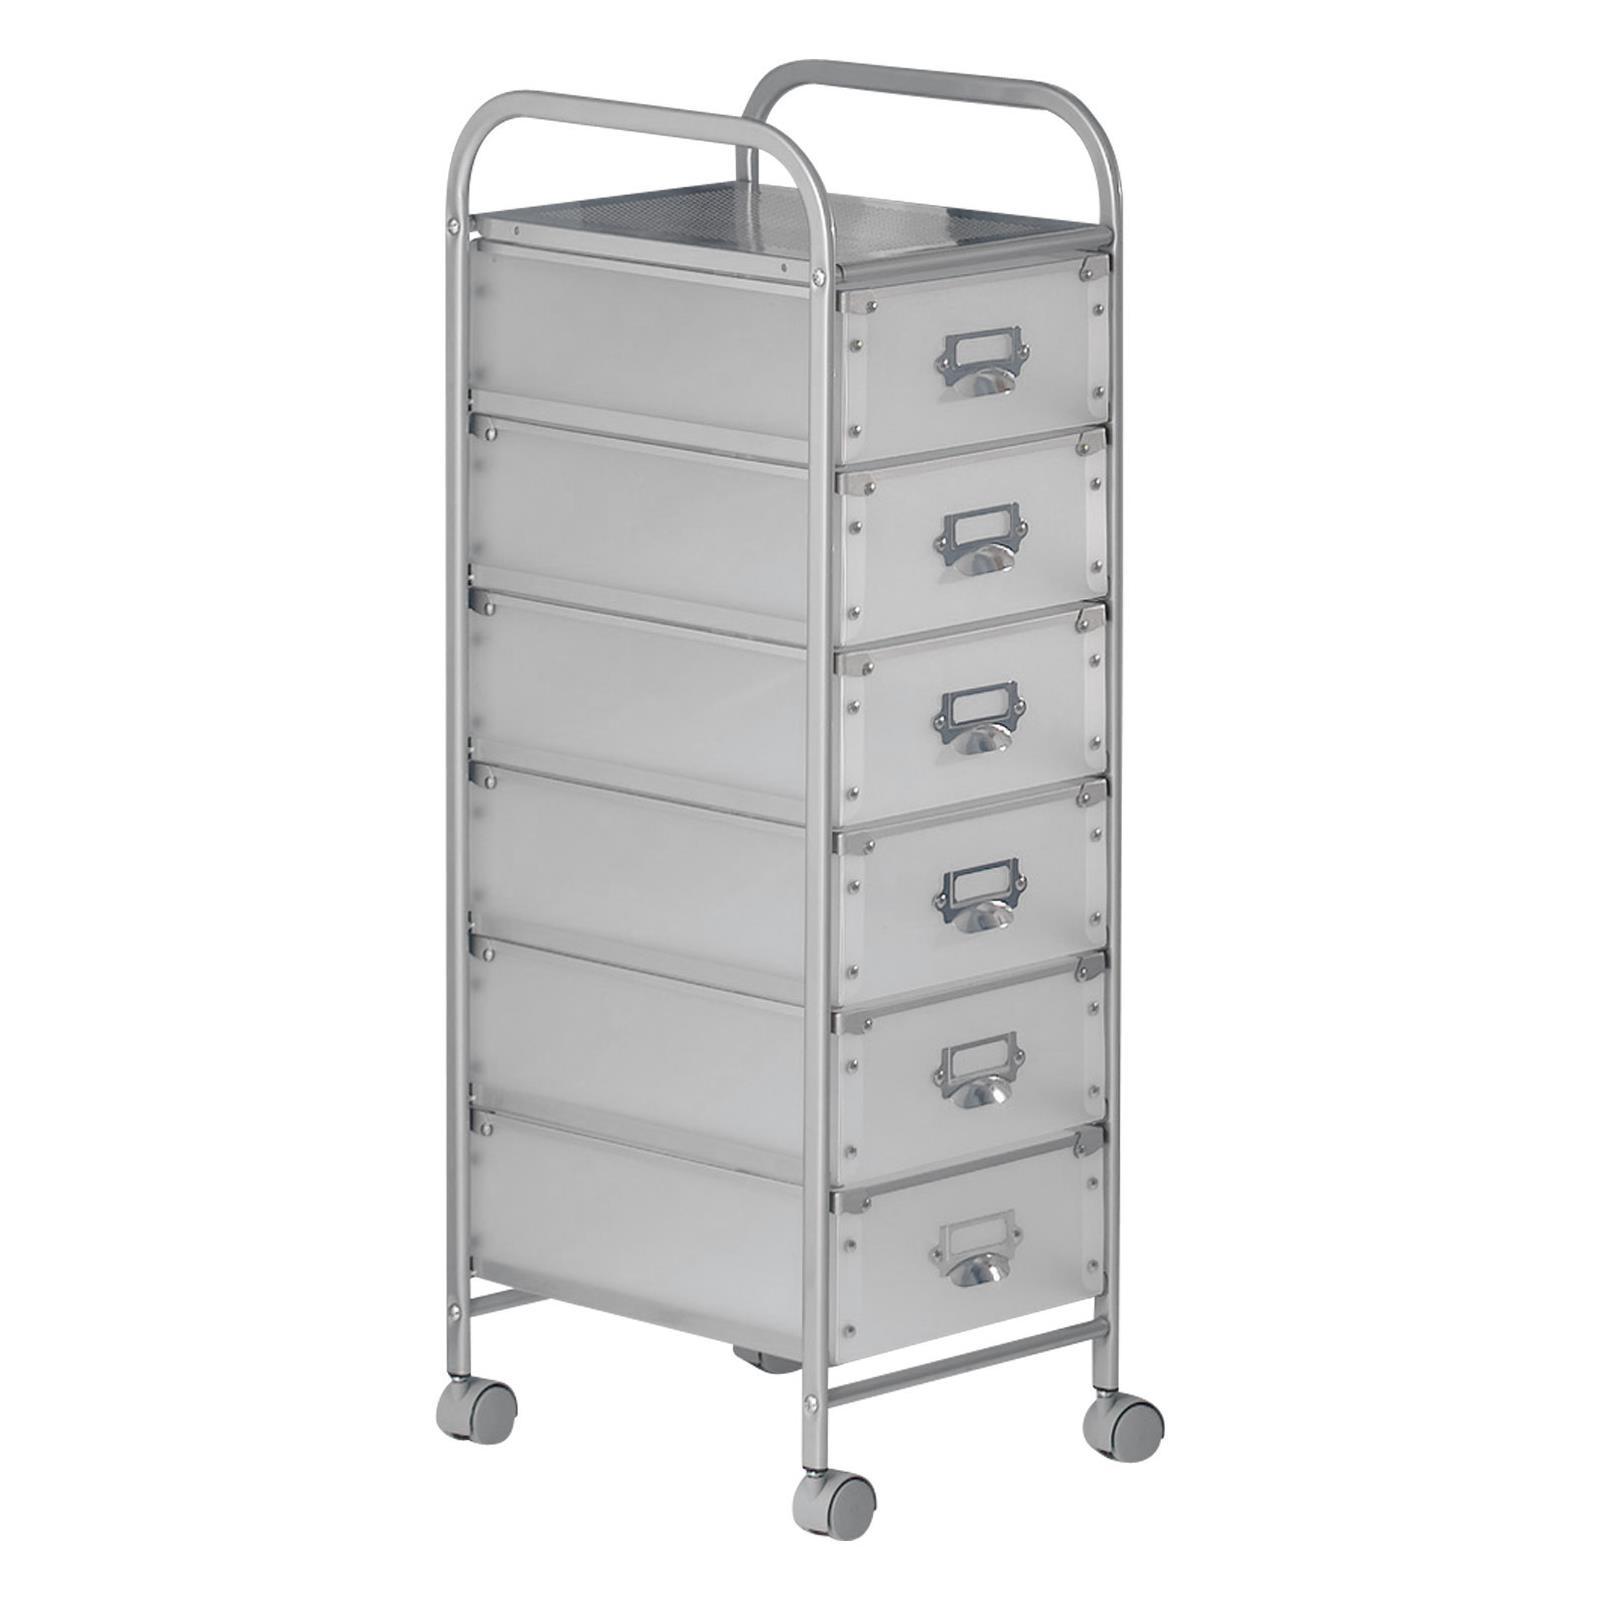 caisson sur roulette roli 1 6 tiroirs aluminium mobil meubles. Black Bedroom Furniture Sets. Home Design Ideas